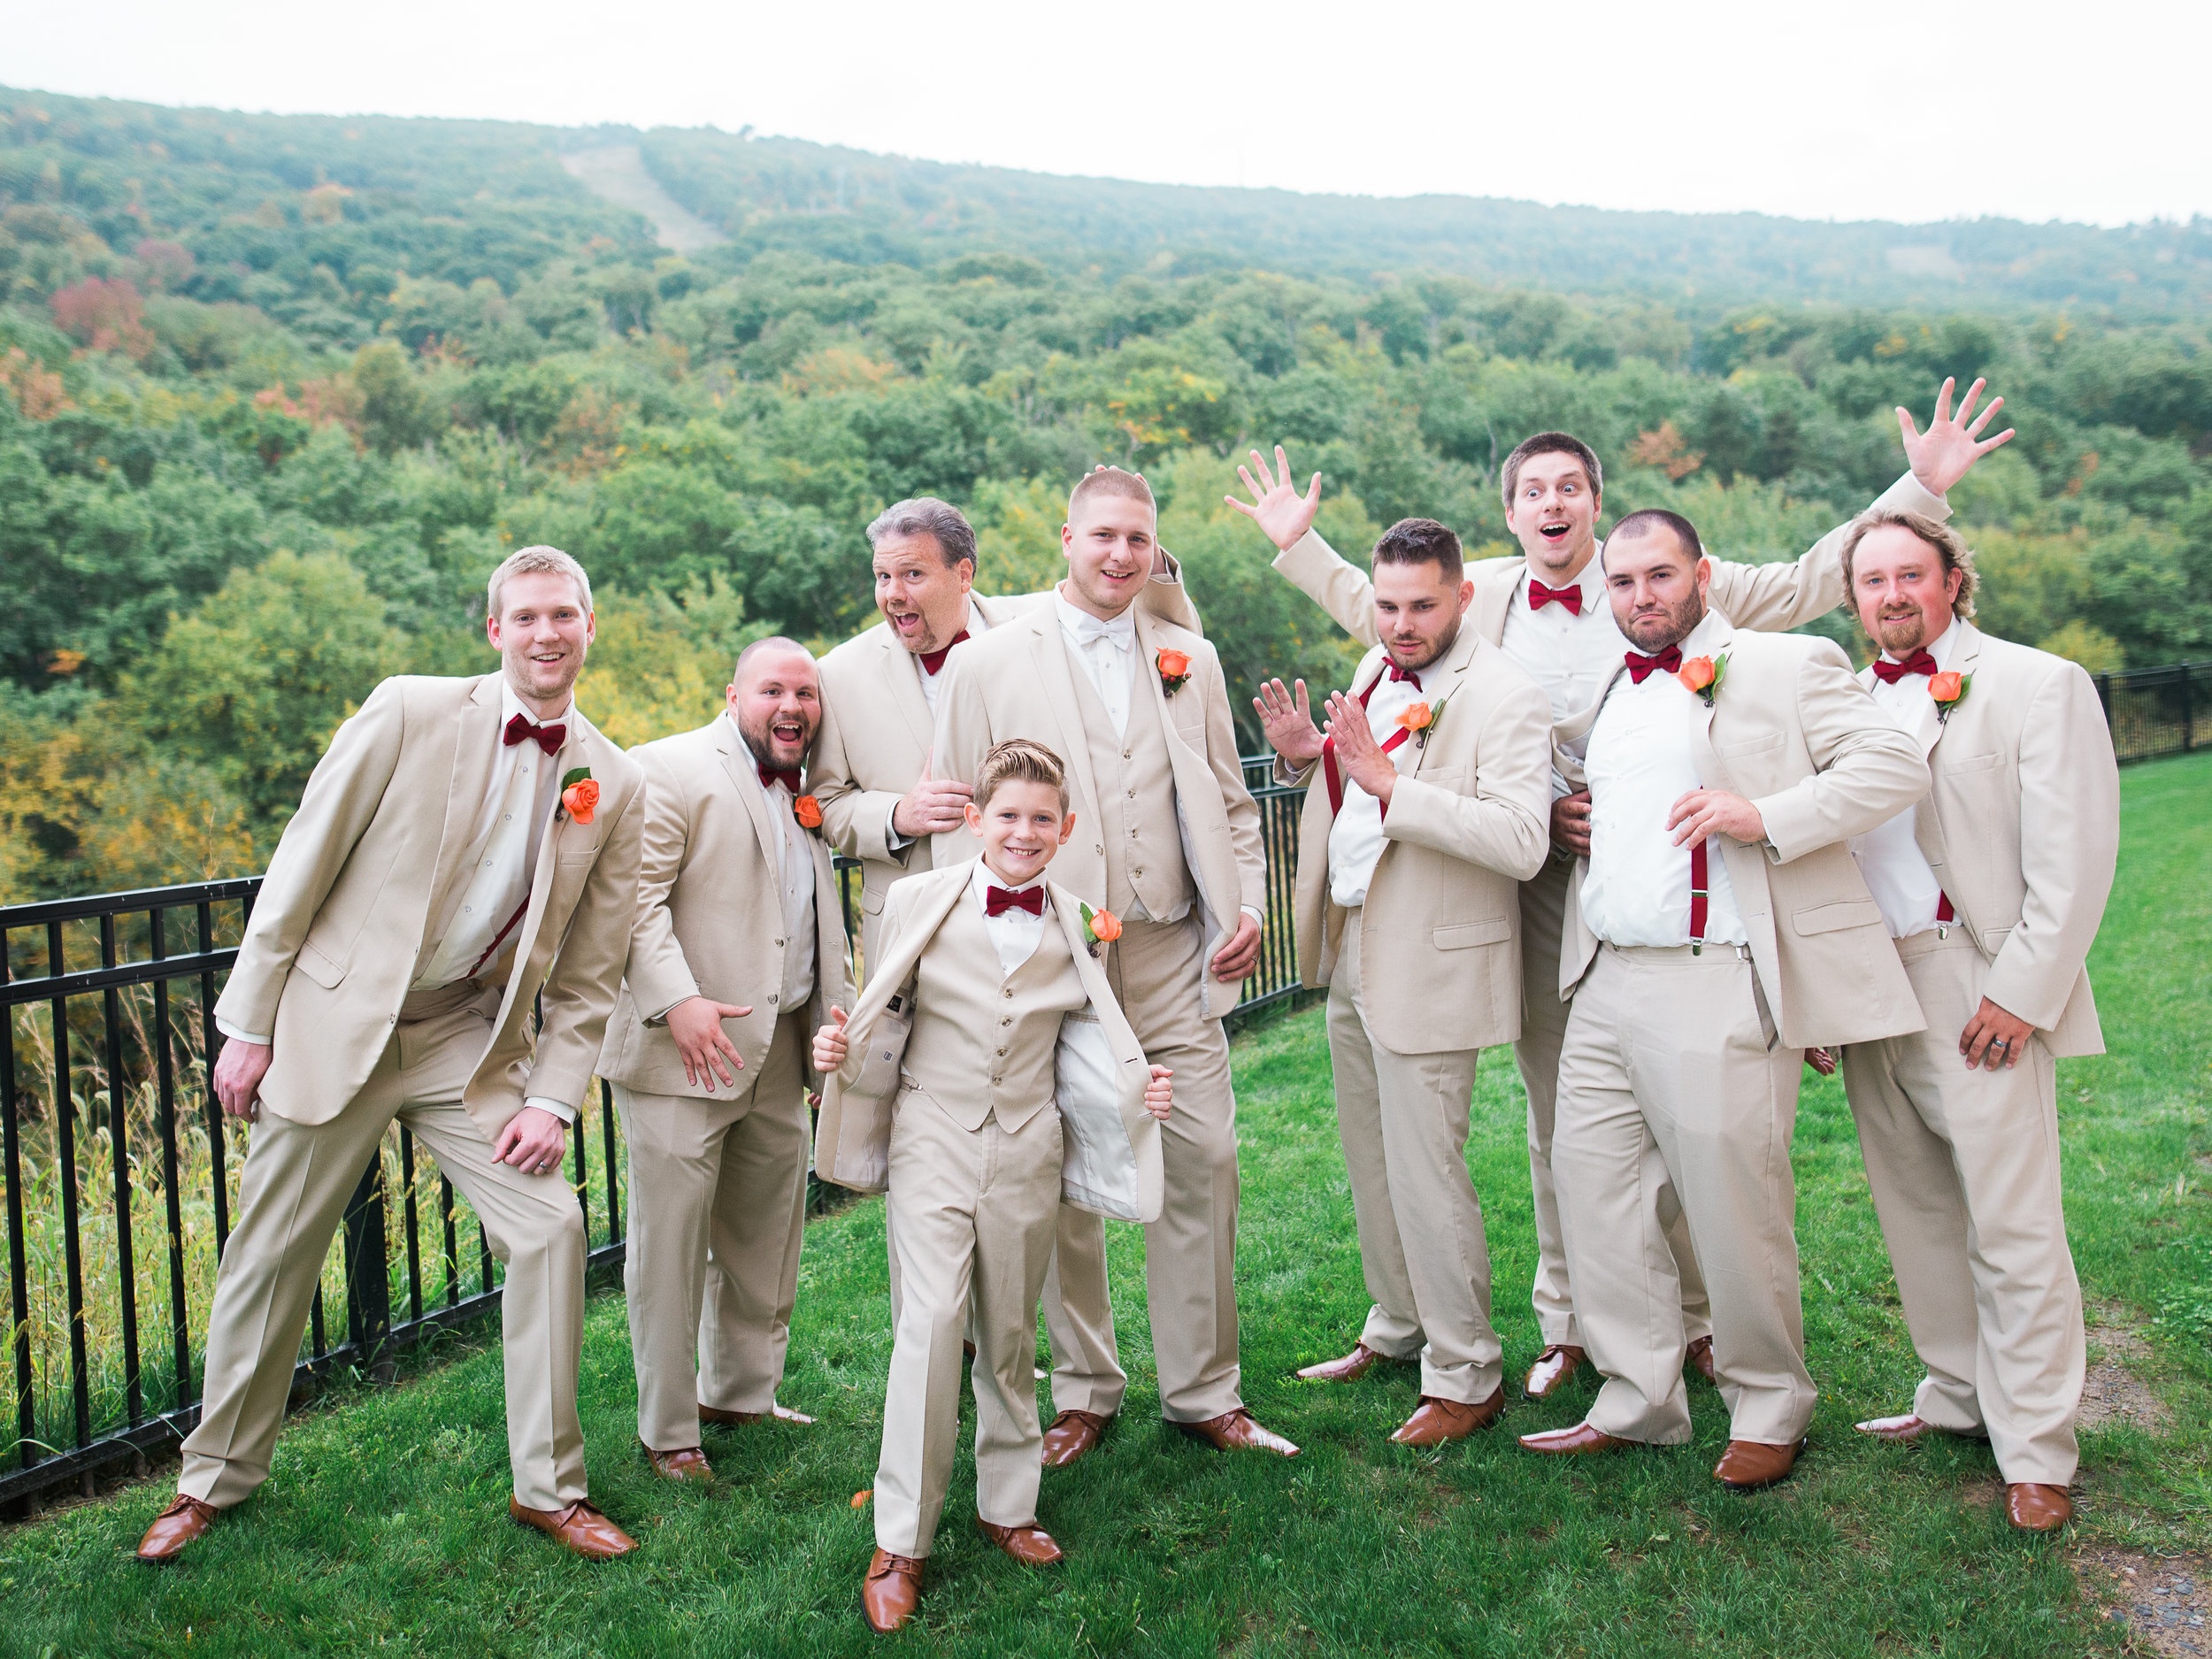 Wedding day at camelback mountain ski resort